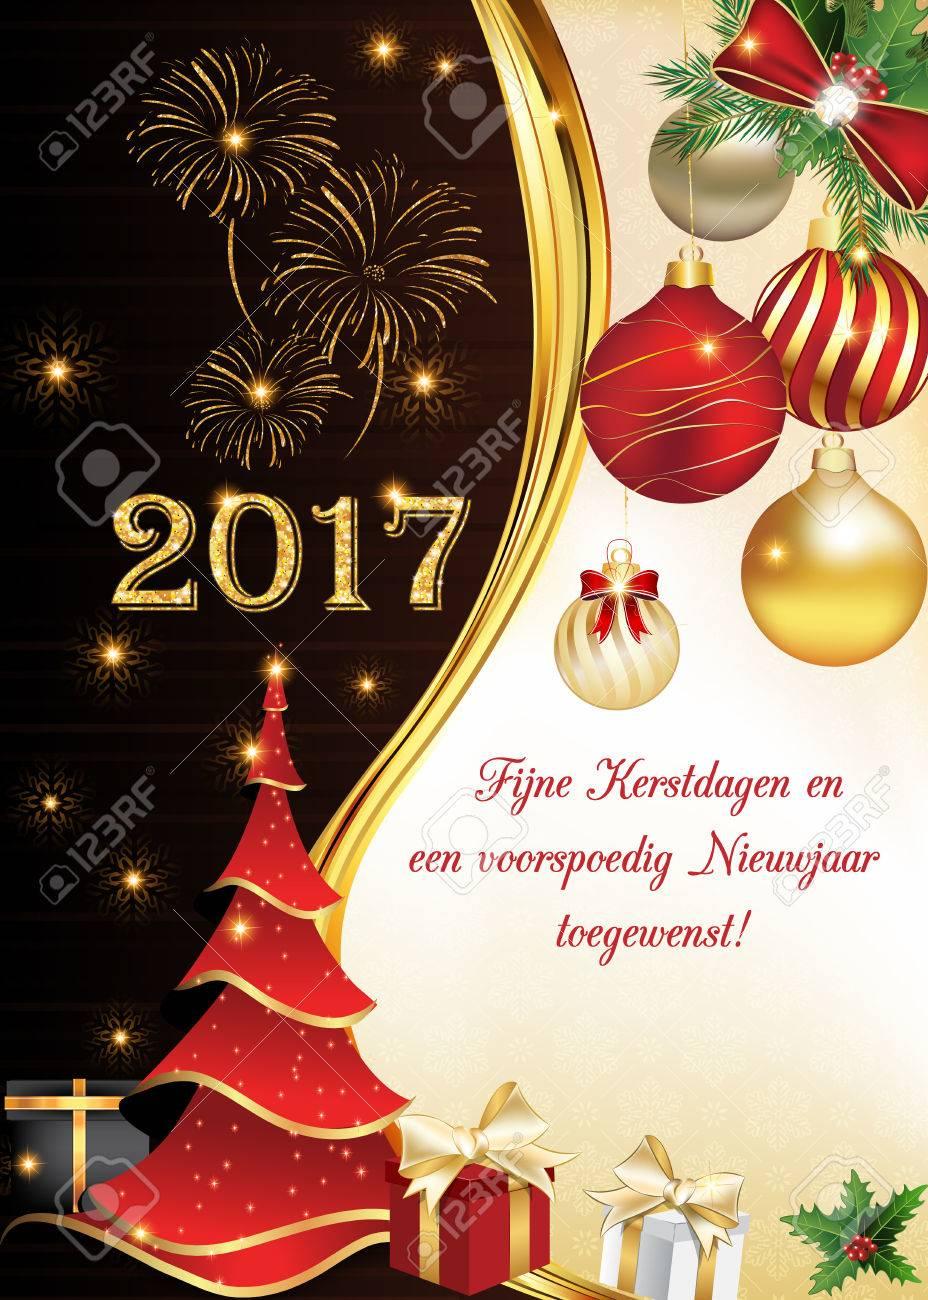 Fijne Kerstdagen Und Een Voorspoedig Nieuwjaar Toegewenst! (Ich ...